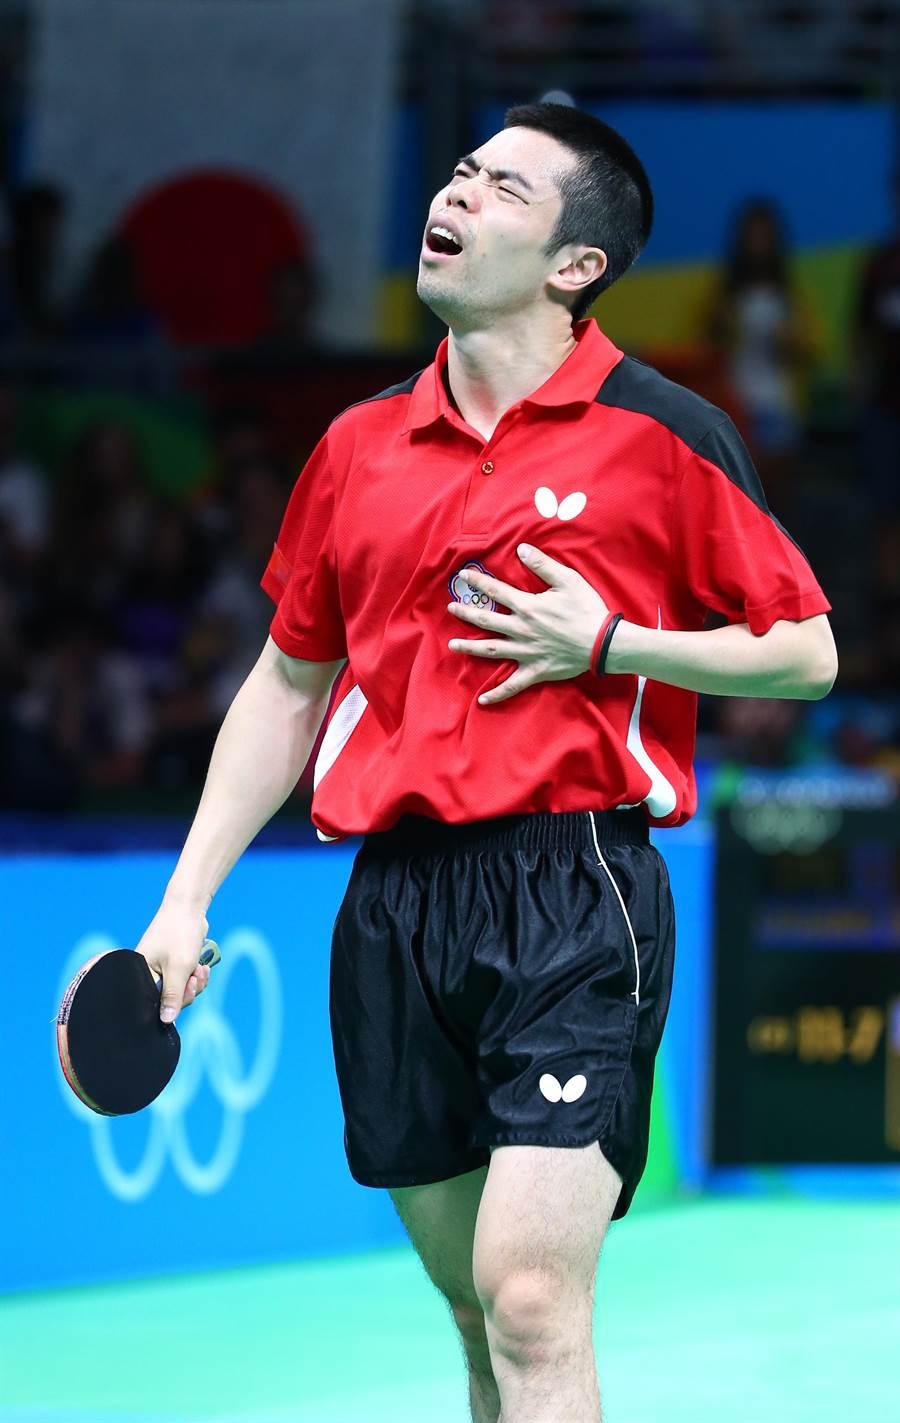 中華奧運桌球代表隊男子團體賽14日迎戰德國,中華隊以一比三不敵對手落敗。中華隊莊智淵連敗兩個賽點,顯得相當懊惱。(陳信翰攝)